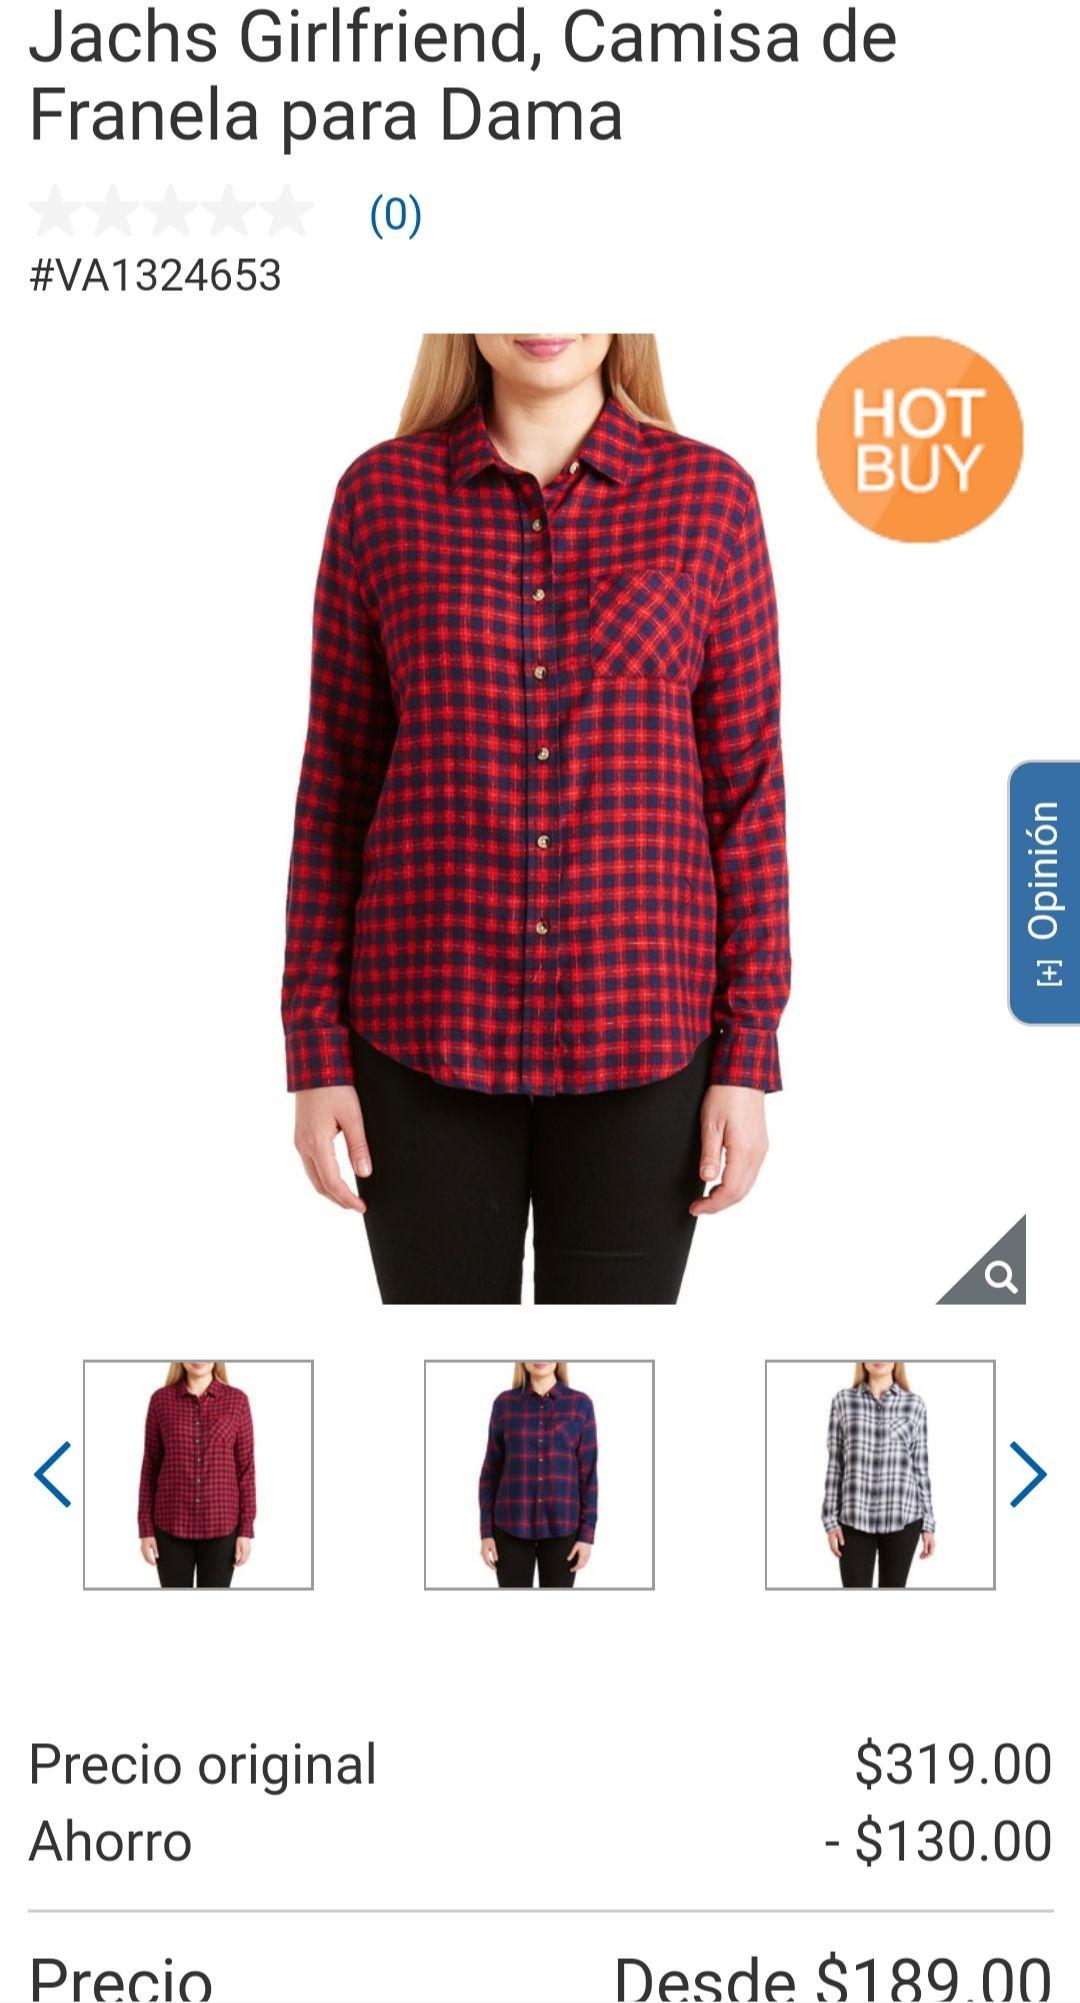 Costco - Jachs Girlfriend, Camisa de Franela para Dama